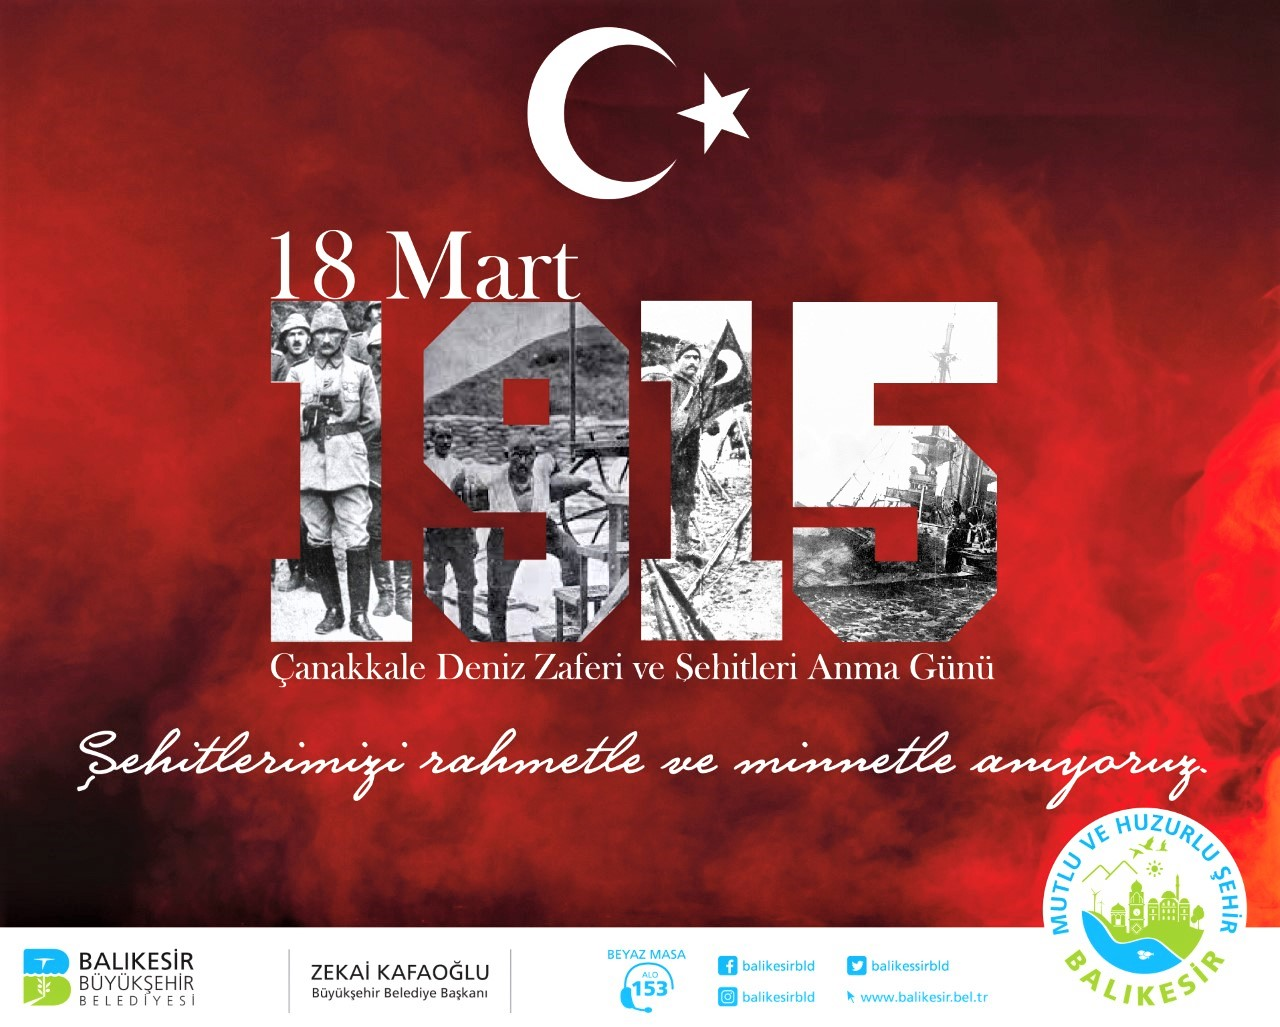 Büyükşehir Belediyemizce verilecek 18 Mart Çanakkale Deniz Zaferi ve Şehitleri Anma Günü